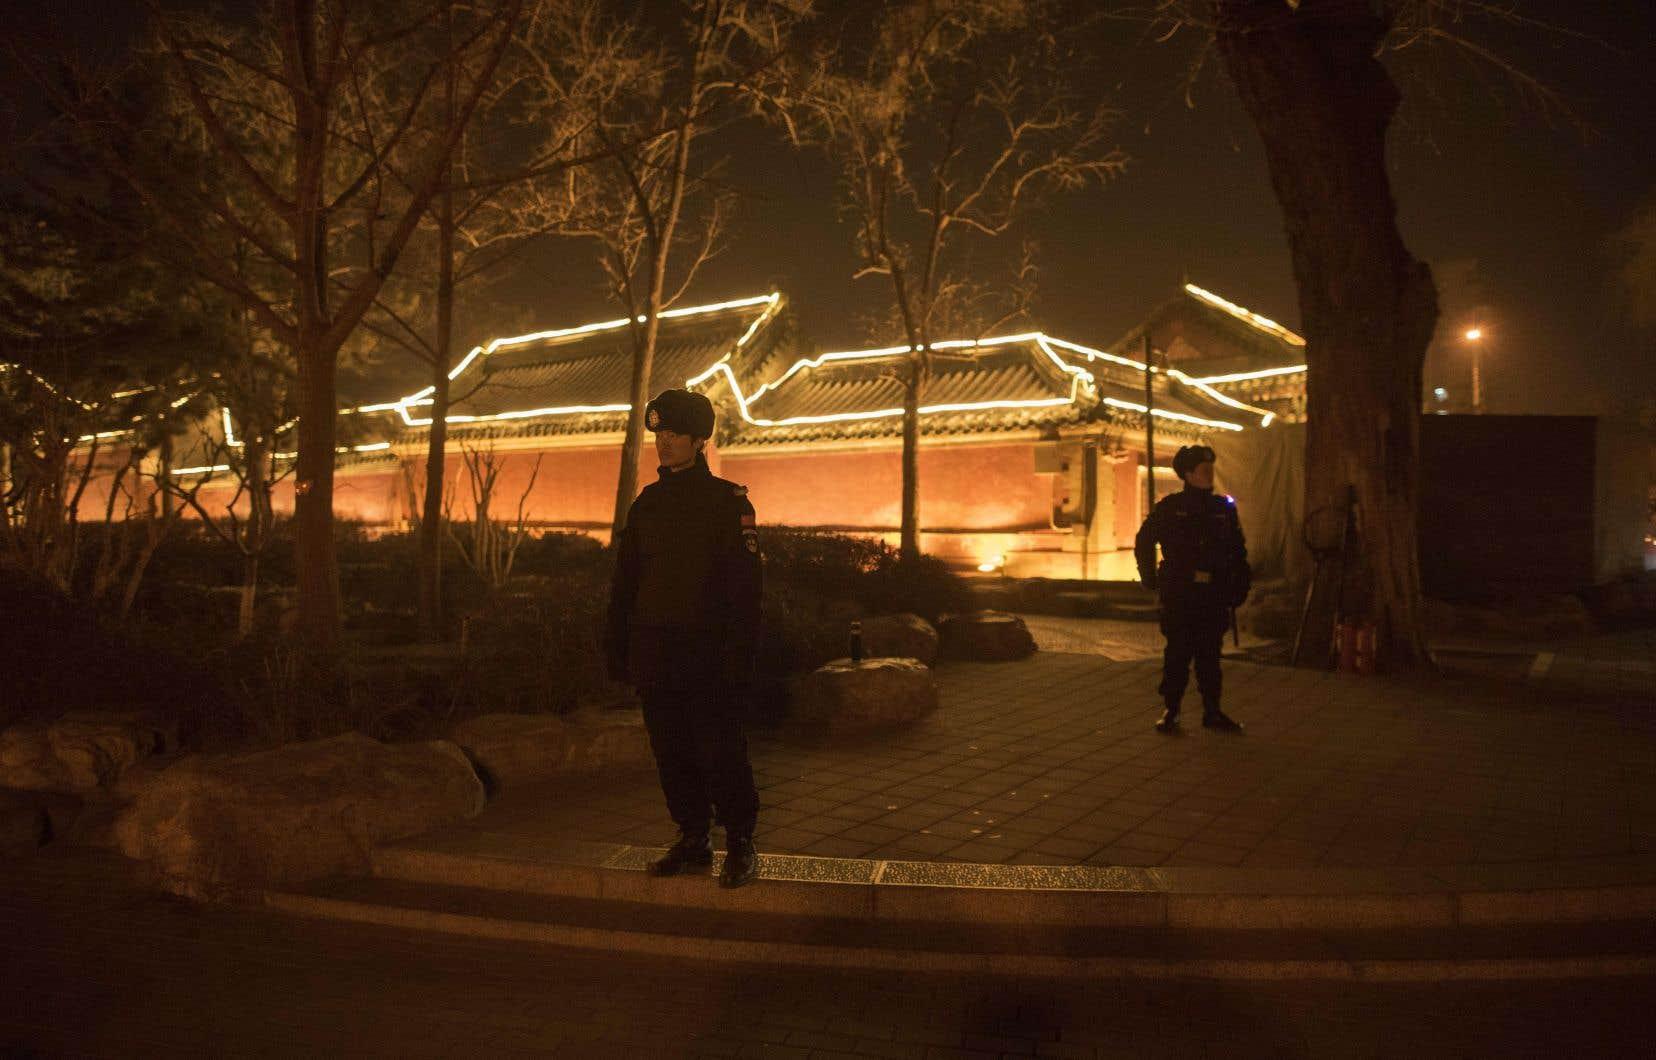 <p>Des rues désertes patrouillées par la police: dans la nuit du Nouvel An lunaire, la capitale chinoise avait des allures de ville morte.</p>